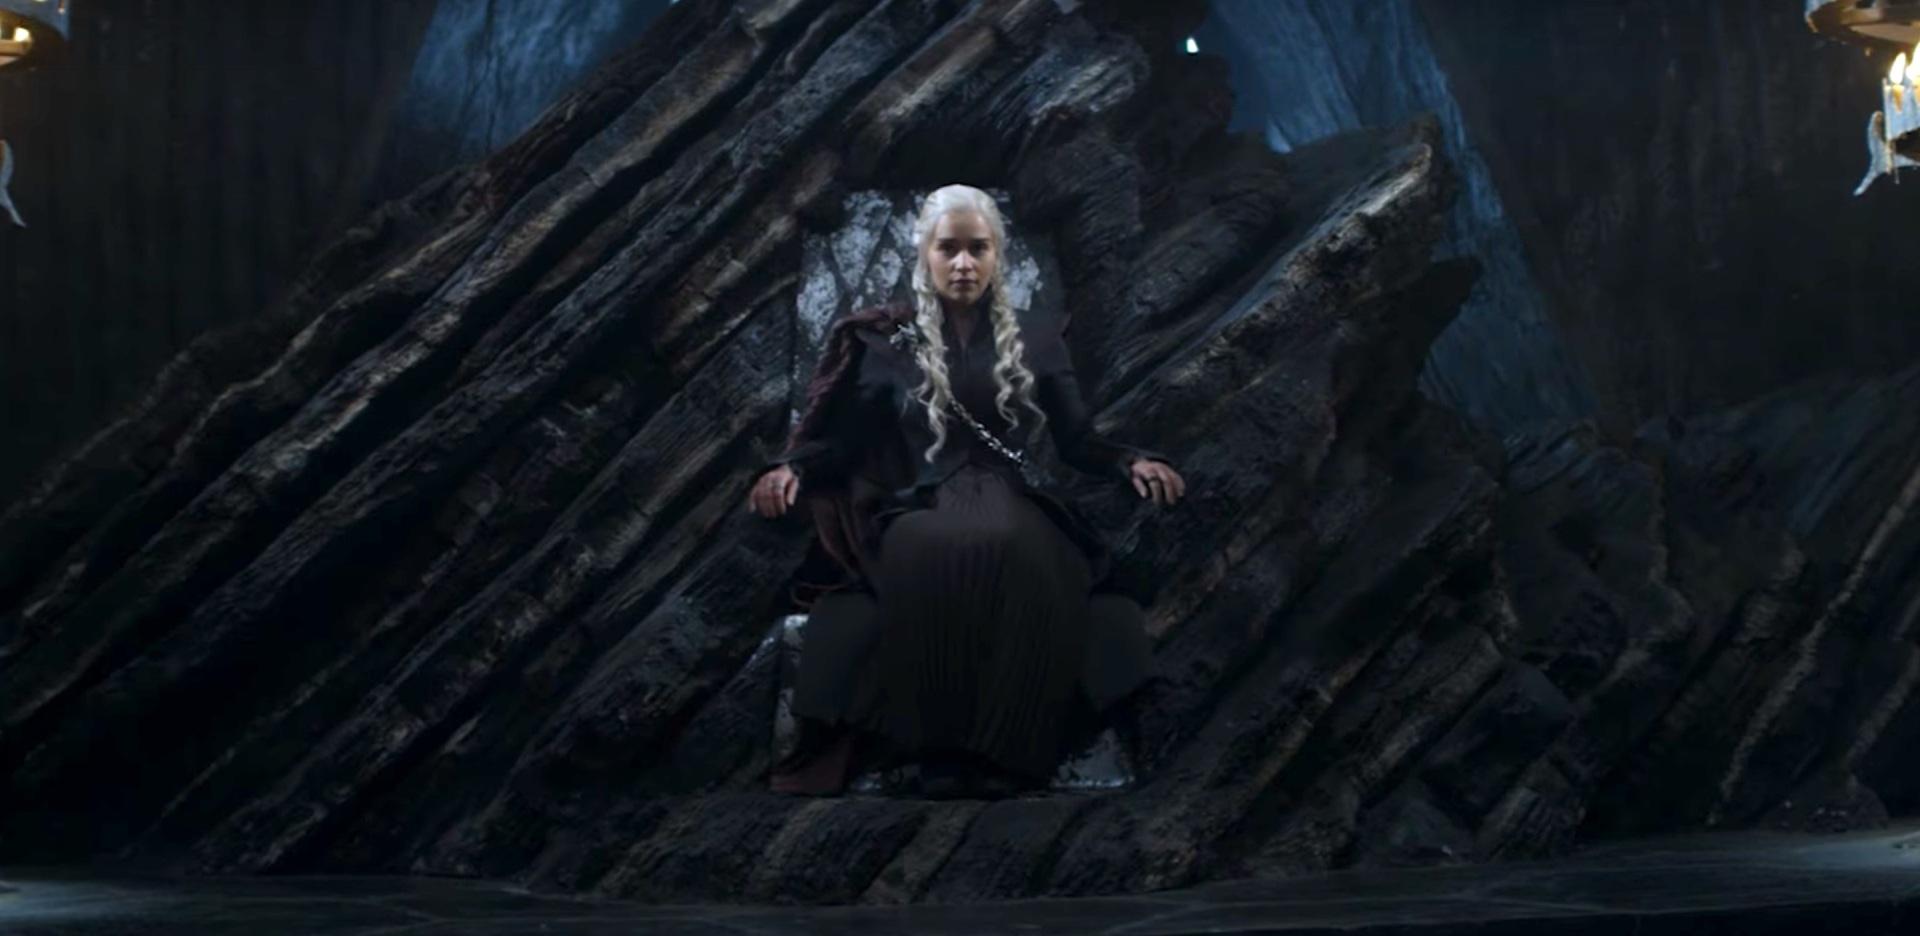 game-of-thrones-season-7-promo-photo